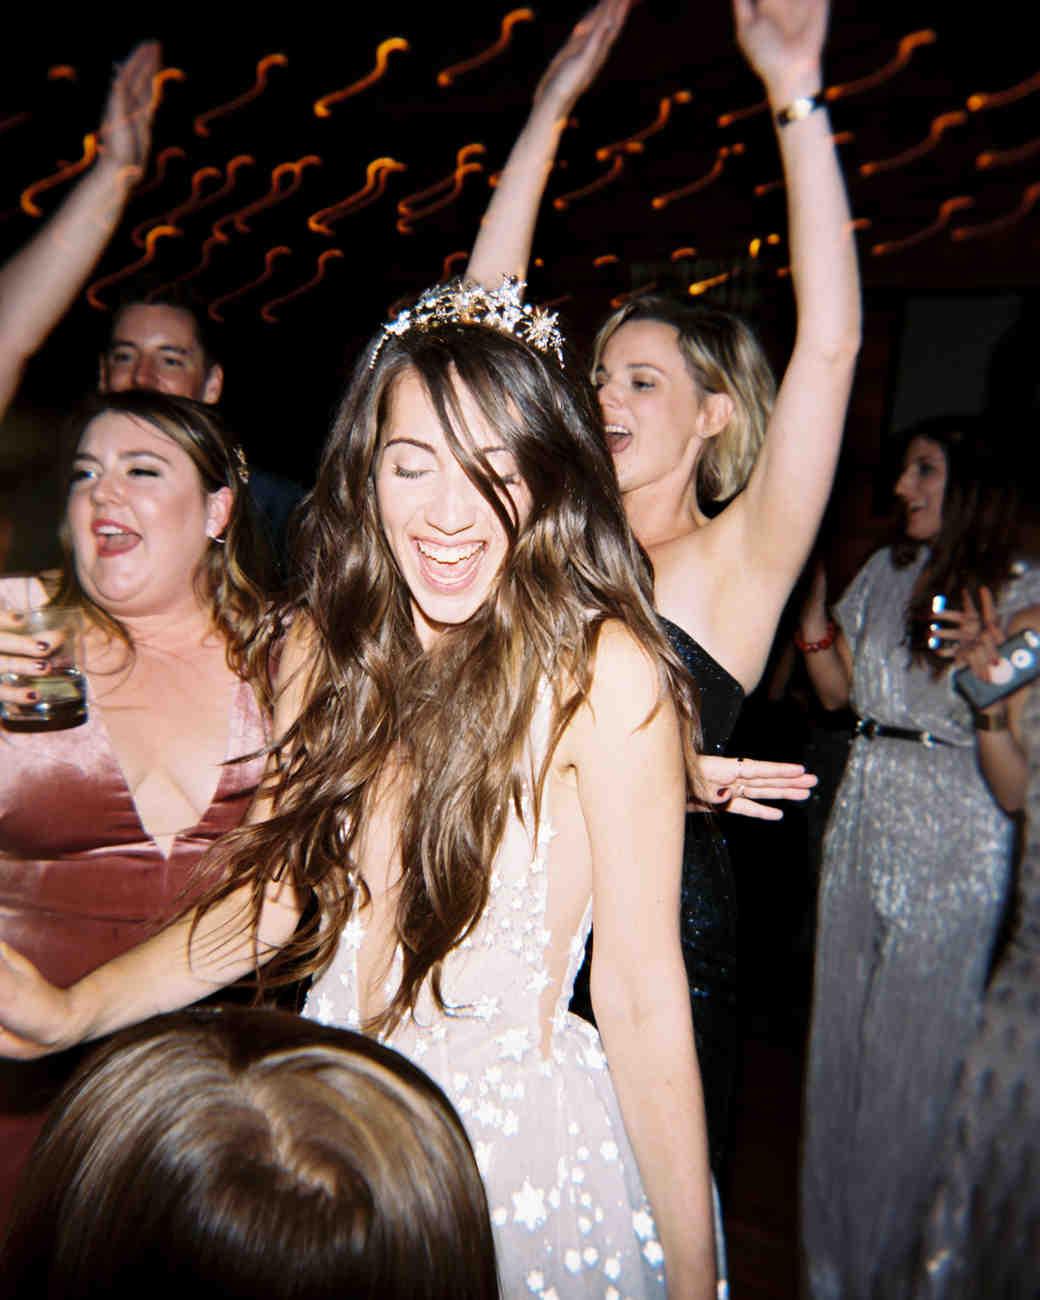 bride wearing star crown dancing